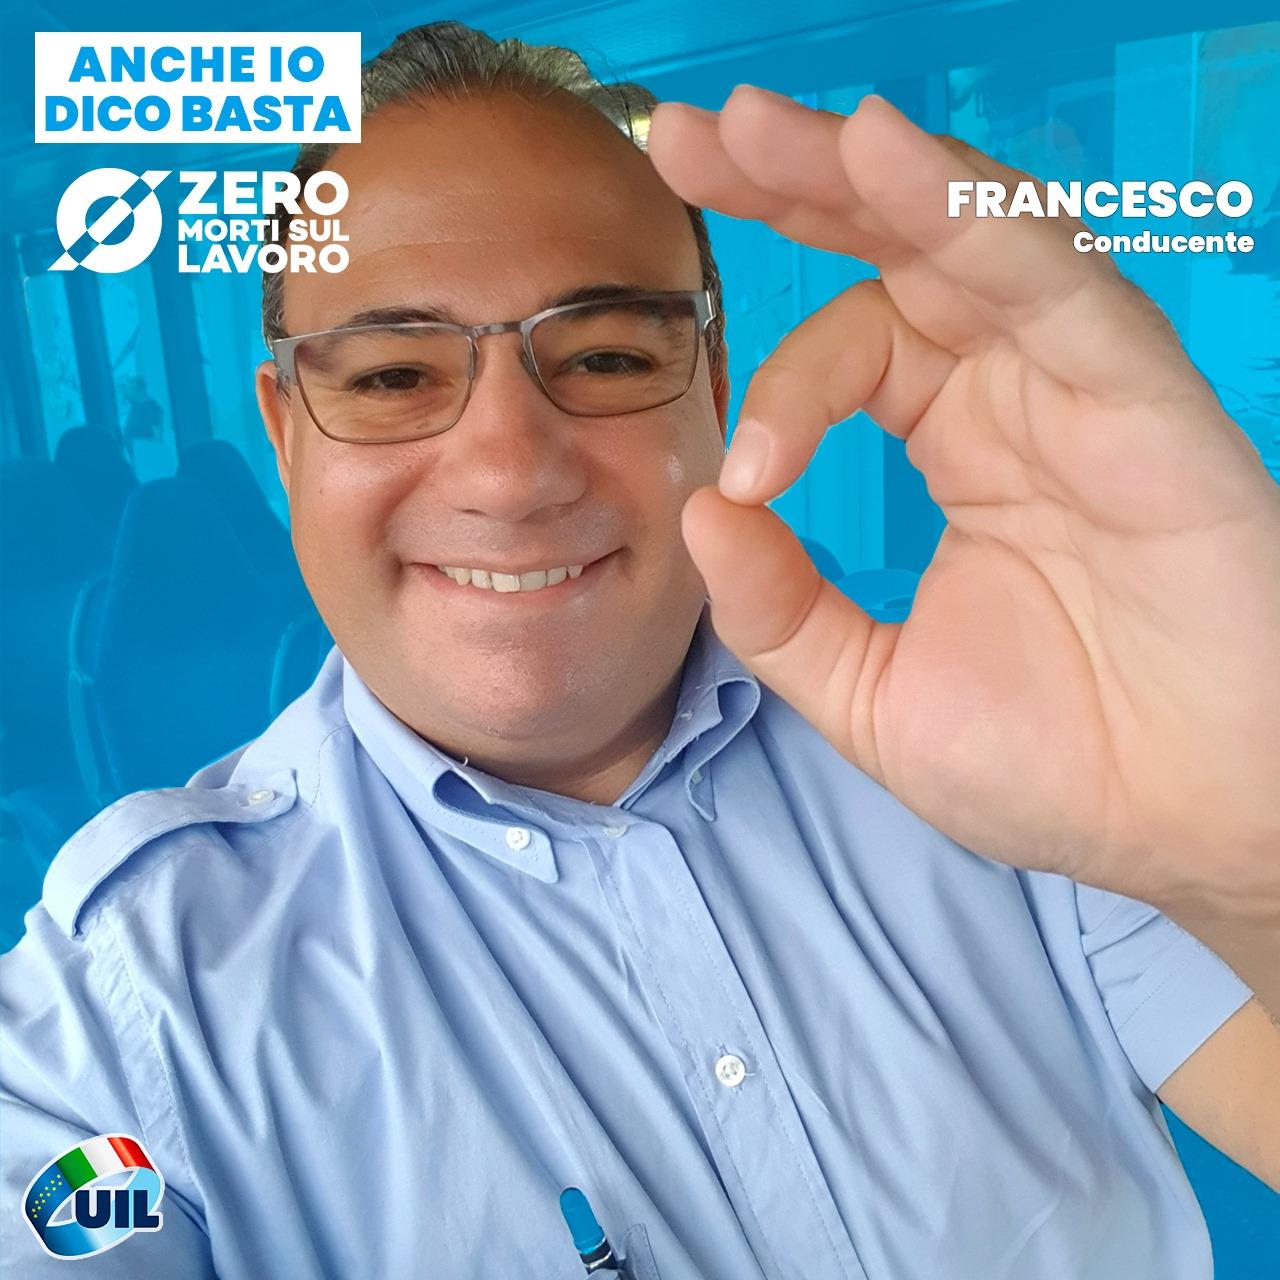 FRANCESCO, conducente